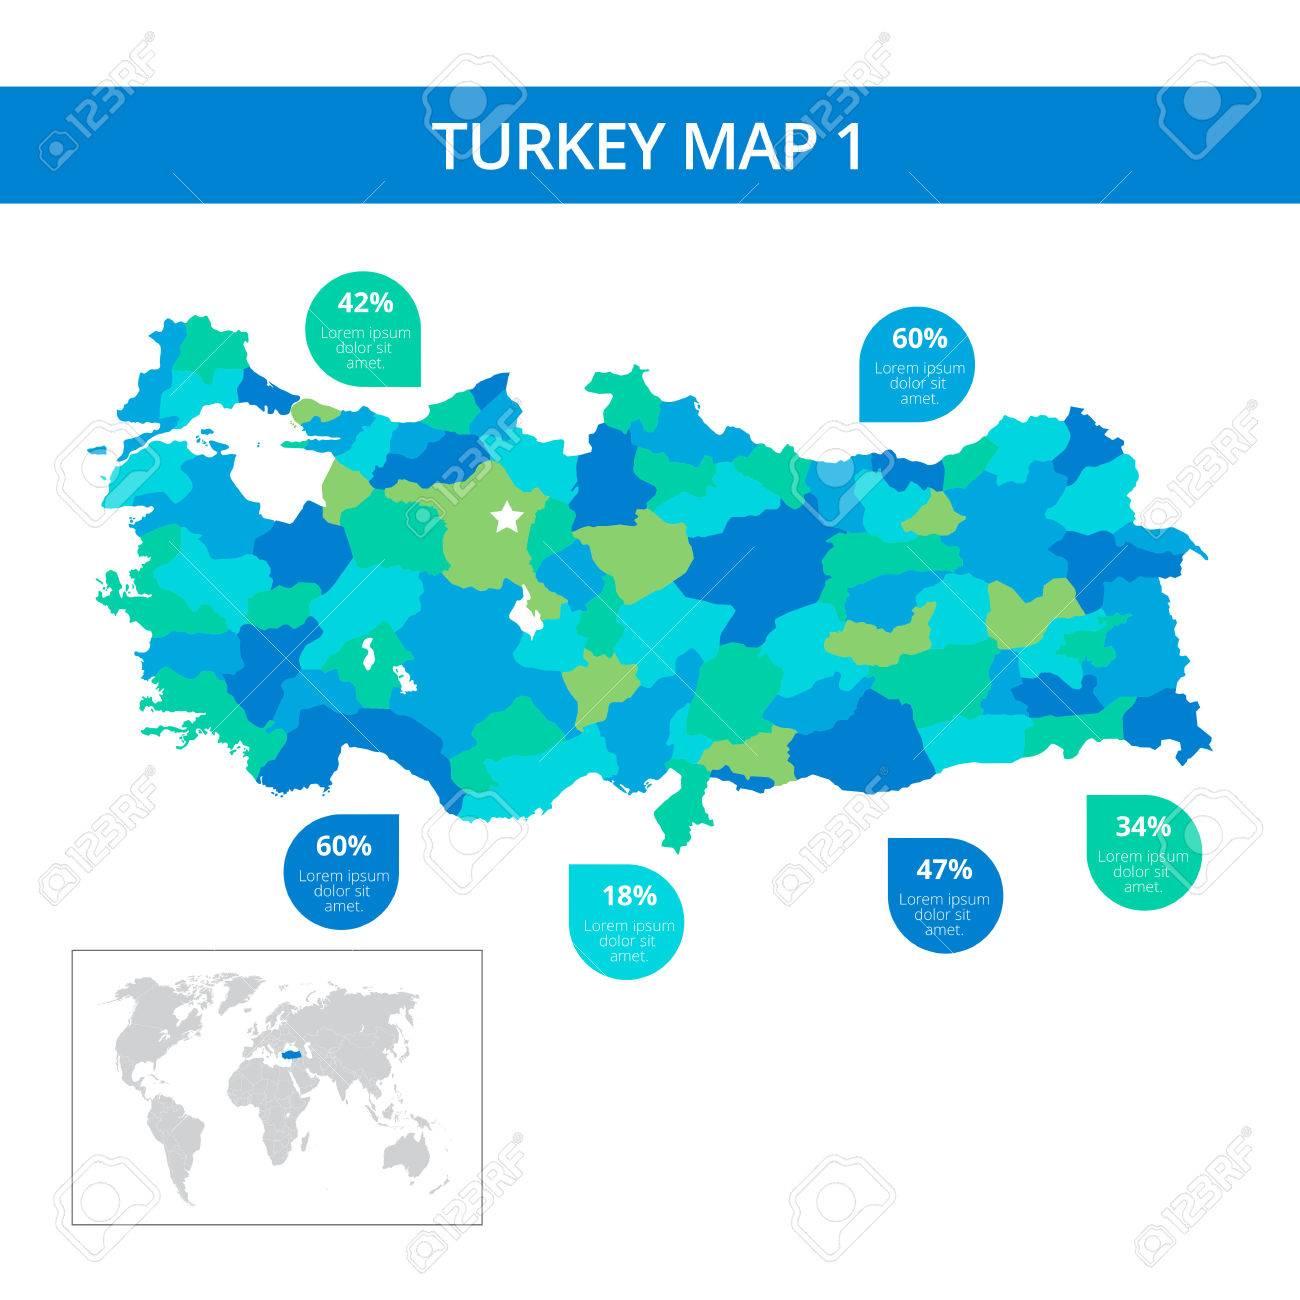 Ziemlich Vorlage Für Die Türkei Ideen - Entry Level Resume Vorlagen ...